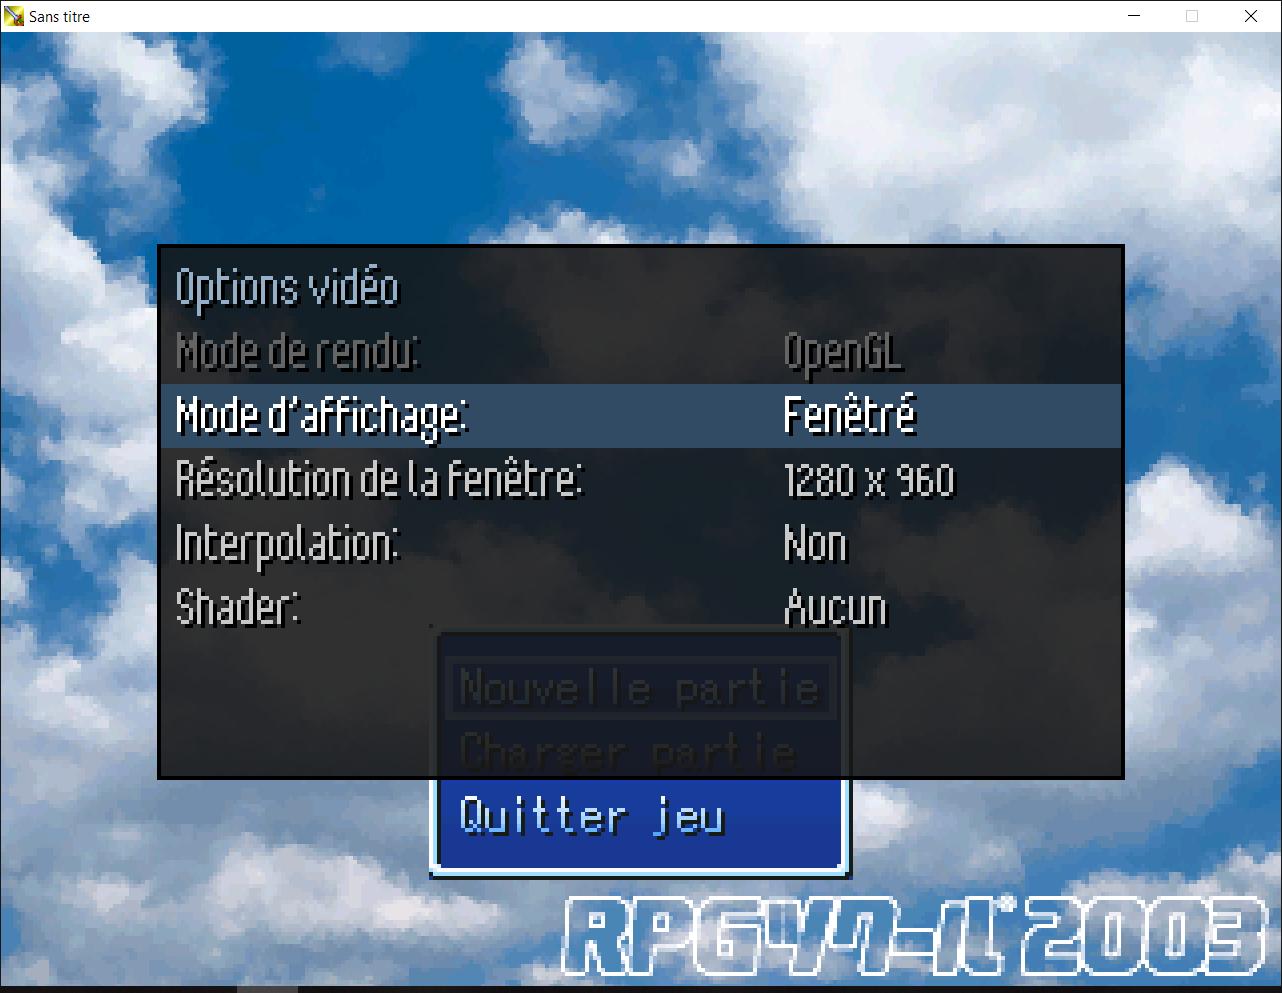 Le dilemme DynRPG face à RM2003 v1.12a 1564862150-magnifique-screen